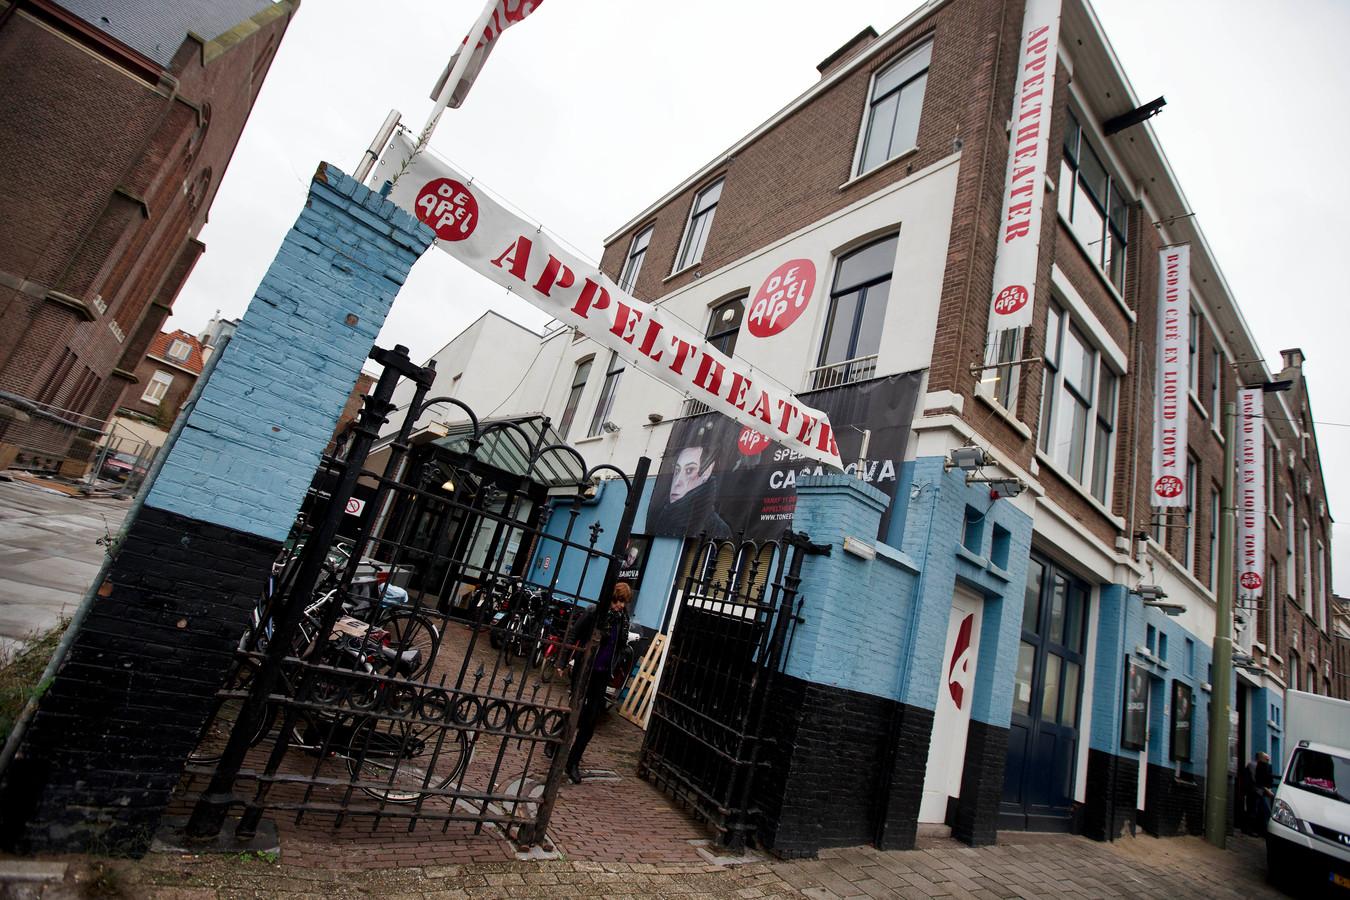 Het voormalige theater van toneelgroep De Appel, die later naar de Appelloods verkaste.